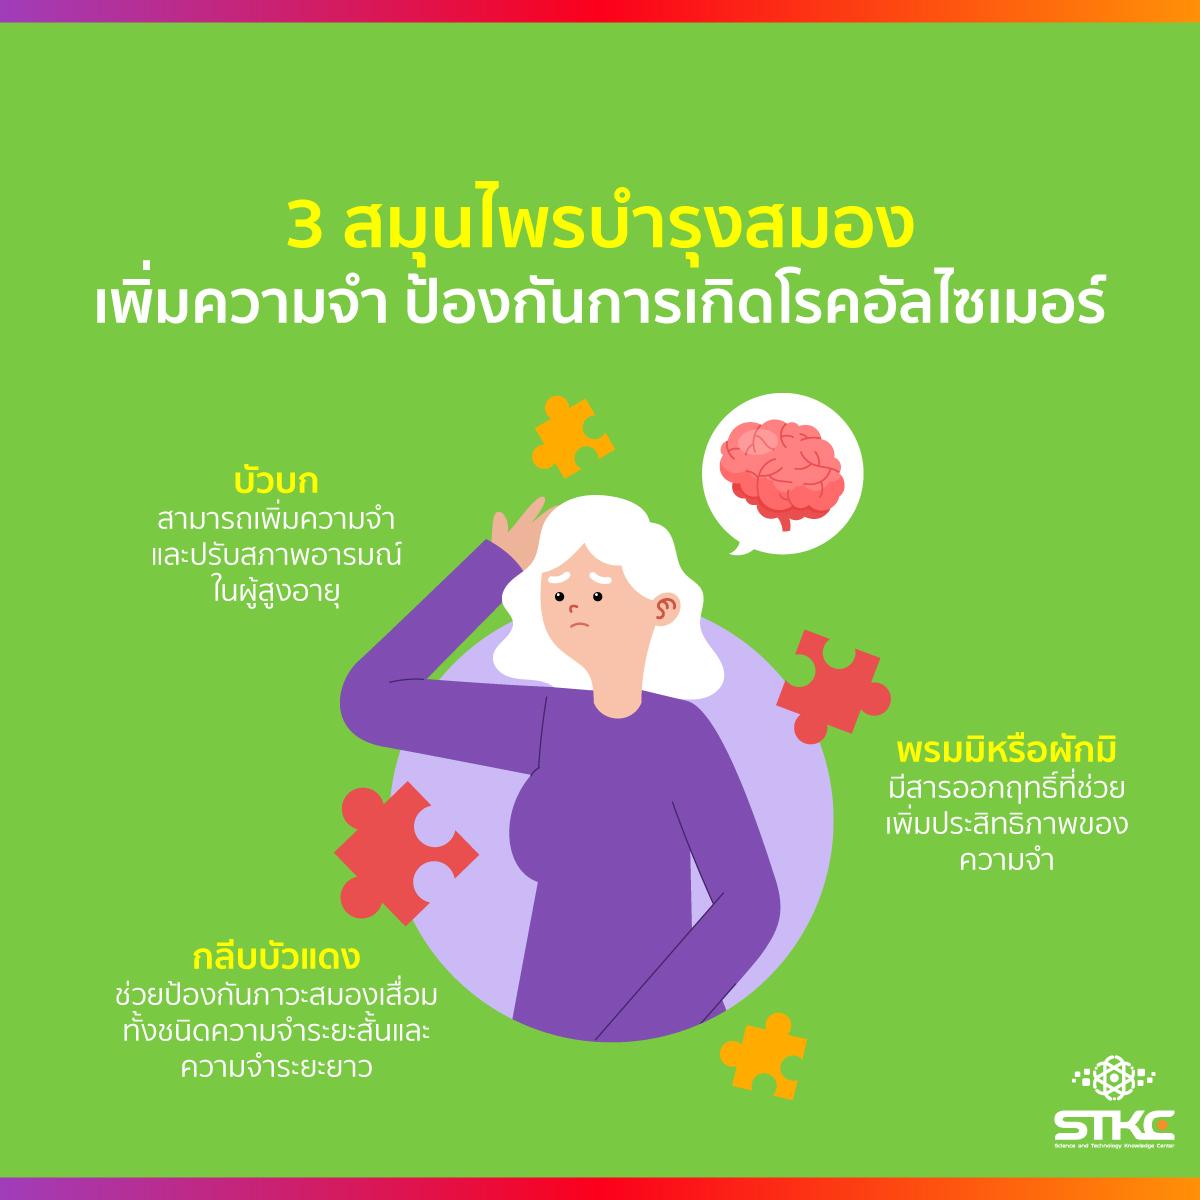 3 สมุนไพรบำรุงสมอง เพิ่มความจำ ป้องกันการเกิดโรคอัลไซเมอร์